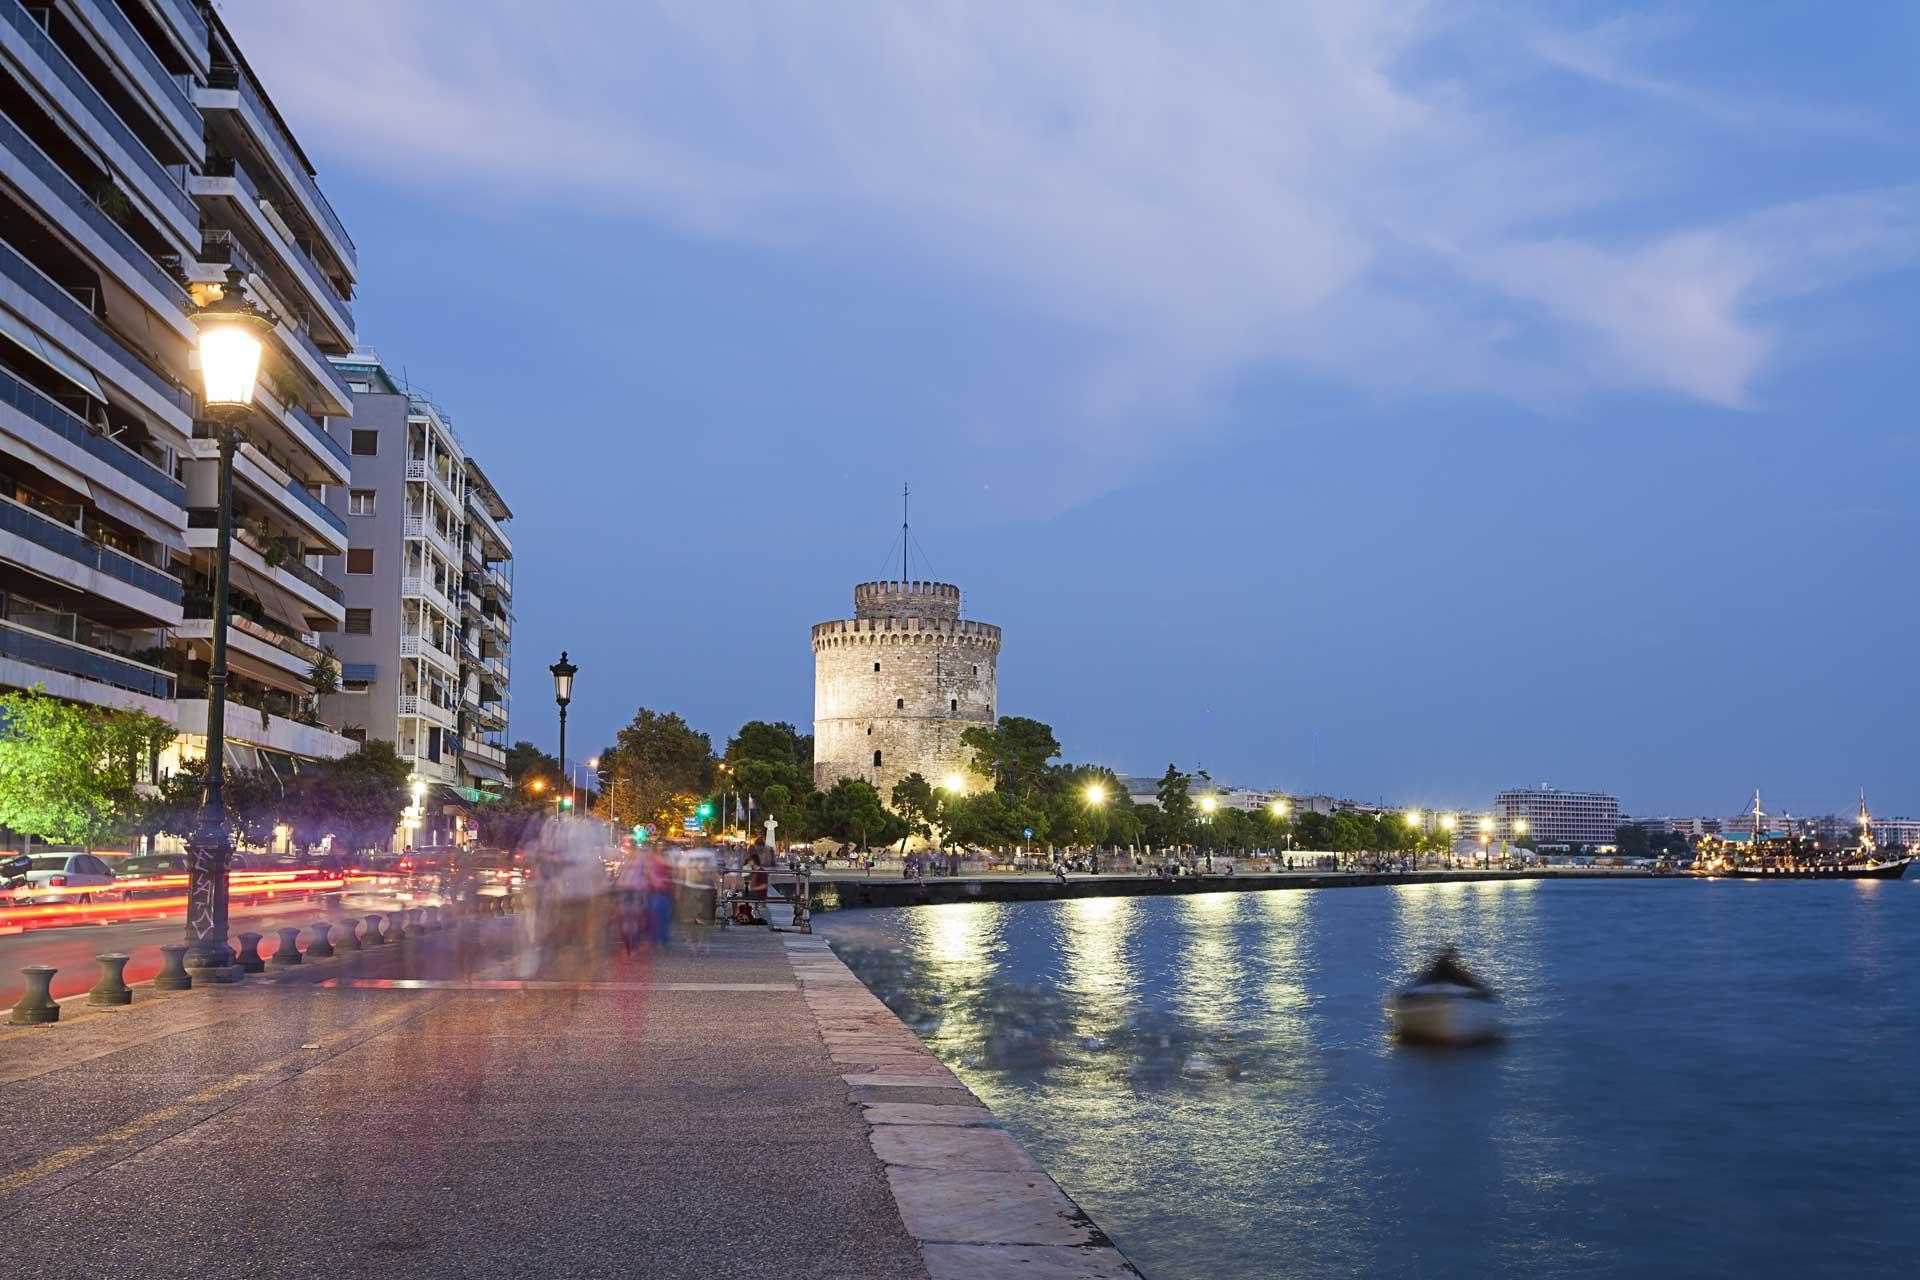 Παν. Σουμελά – Θεσσαλονίκη – Αγ. Παίσιος